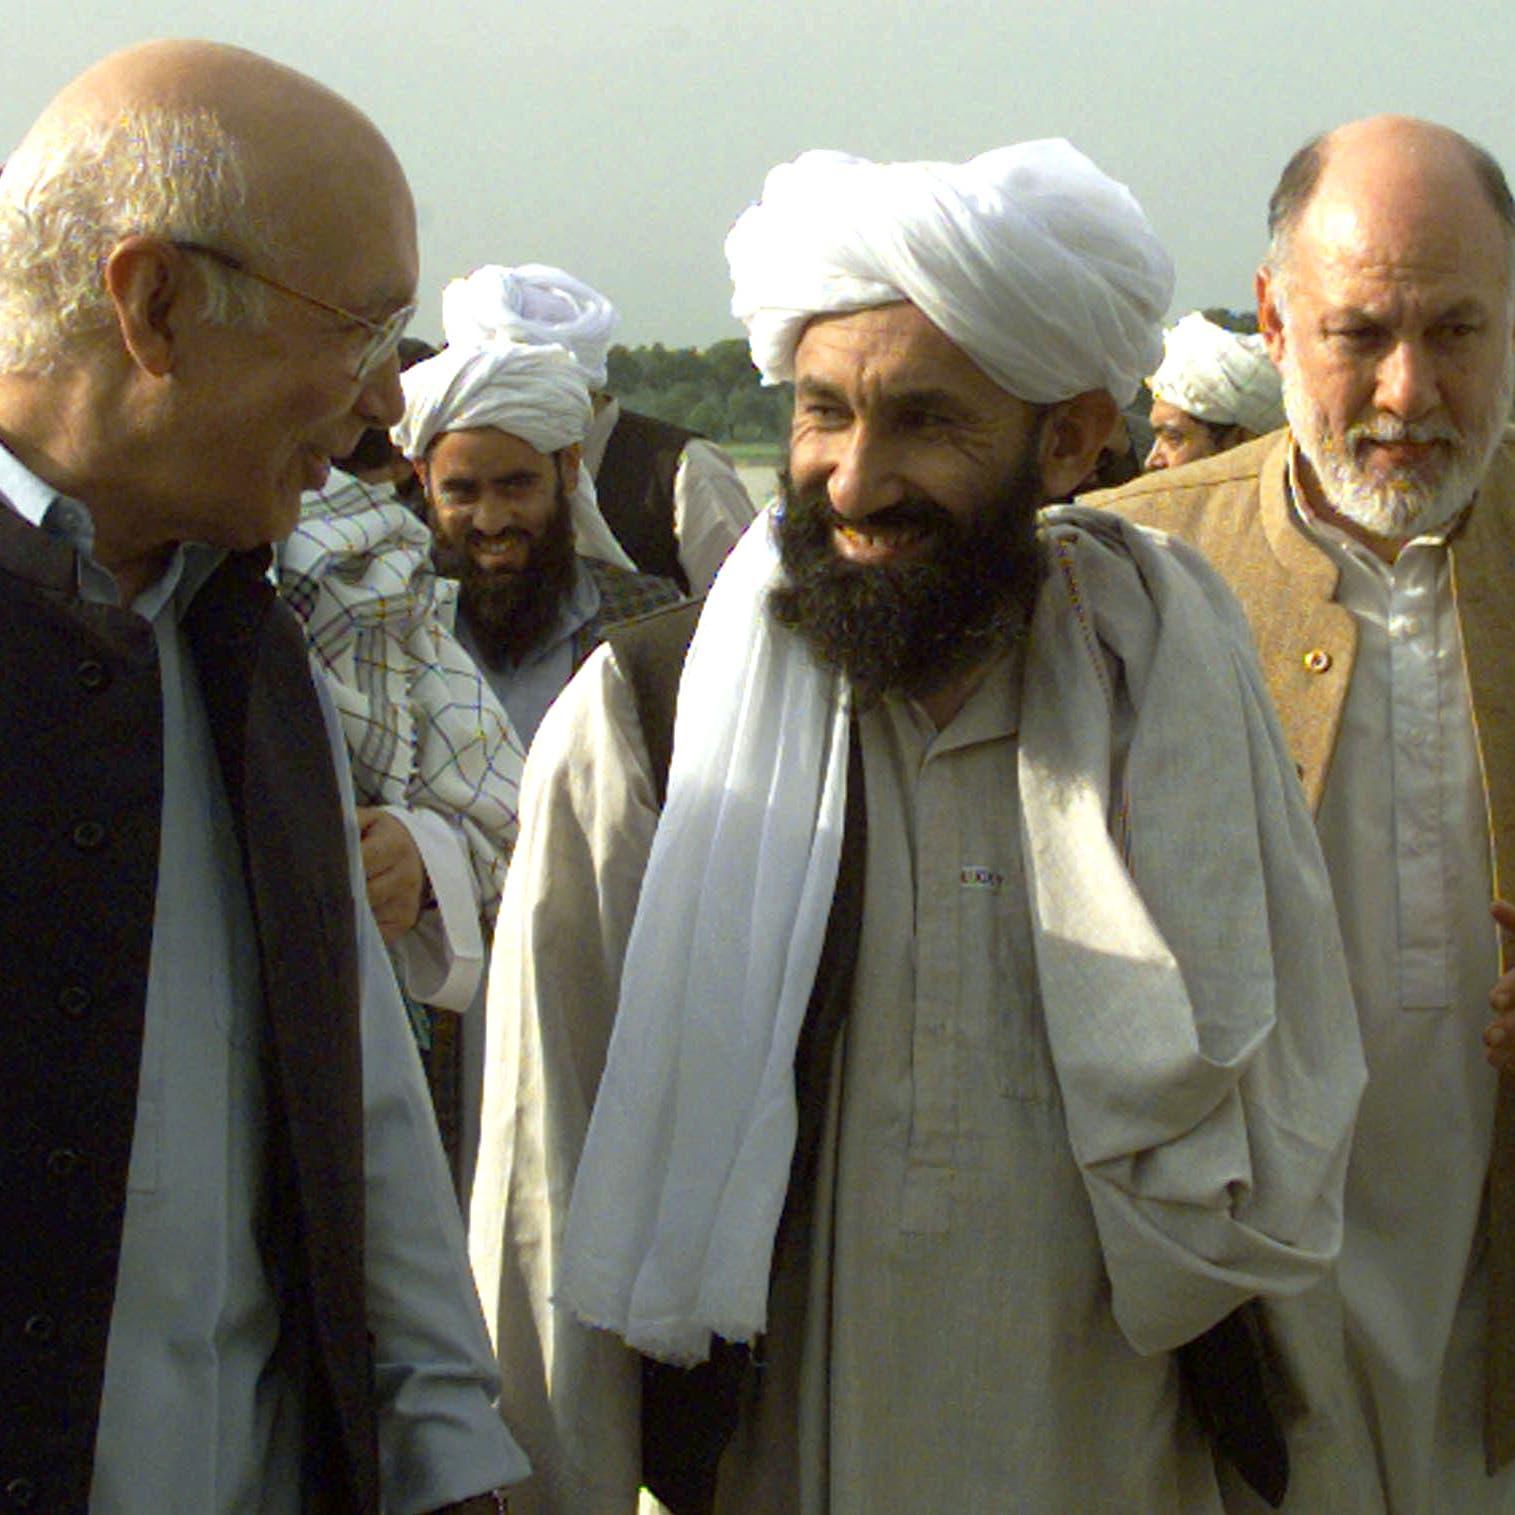 حين رفض رئيس حكومة طالبان تسليم بن لادن.. هذه التفاصيل